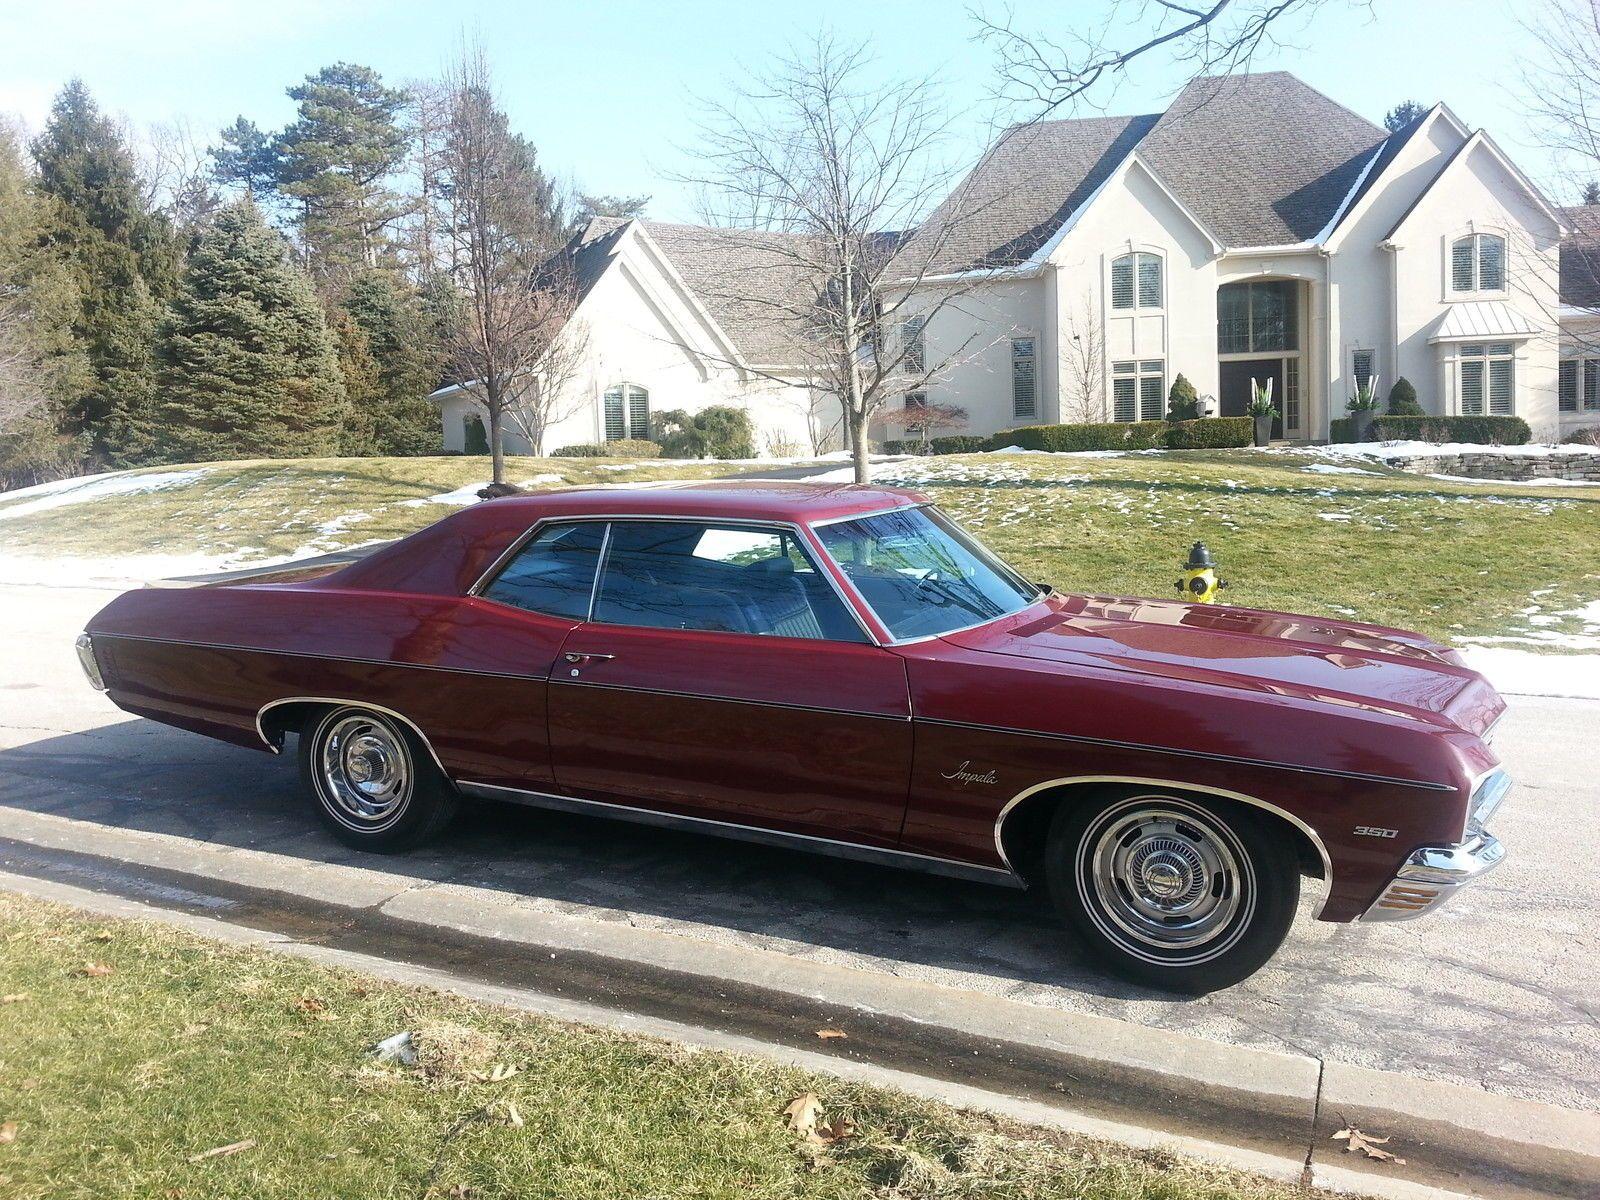 1970 Chevrolet Impala In Black Cherry Chevrolet Impala Chevy Impala Black Chevy Impala